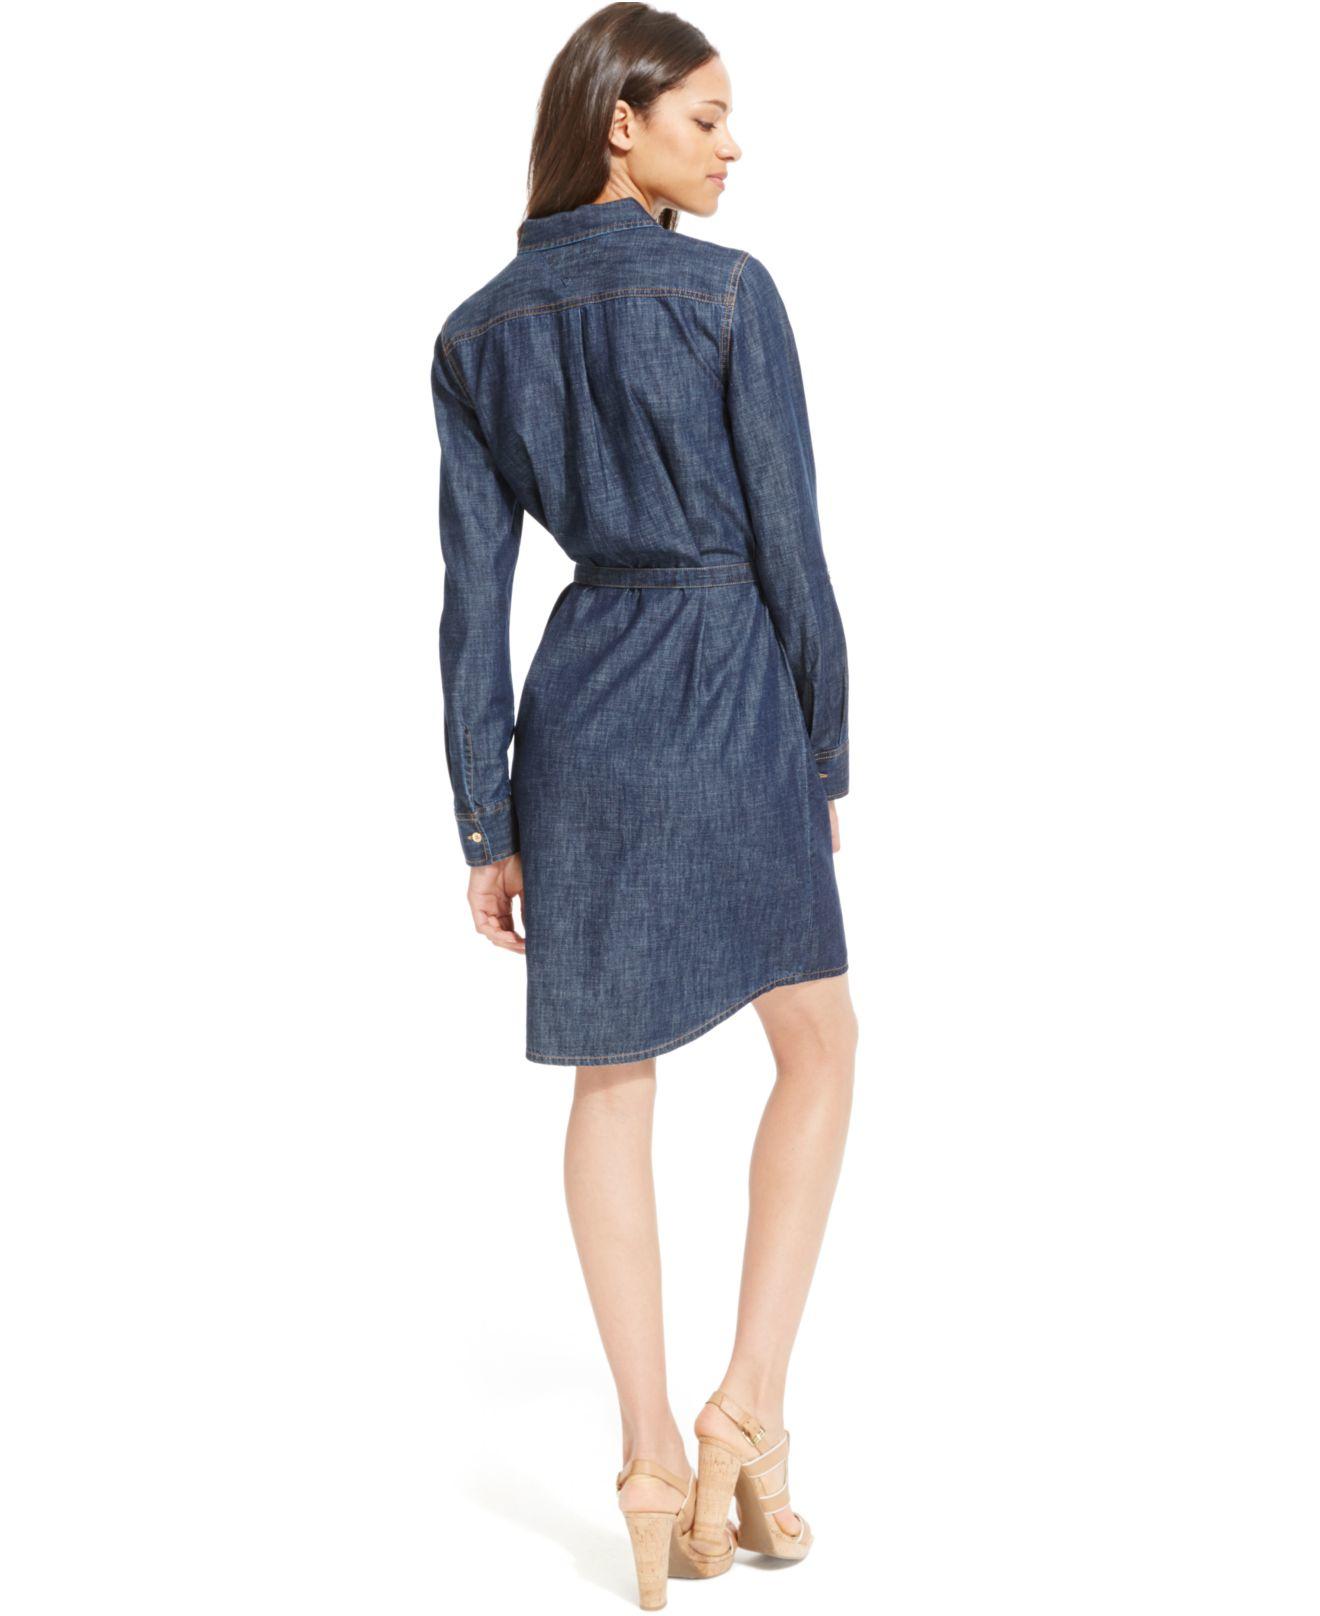 lyst tommy hilfiger belted denim shirt dress in blue. Black Bedroom Furniture Sets. Home Design Ideas